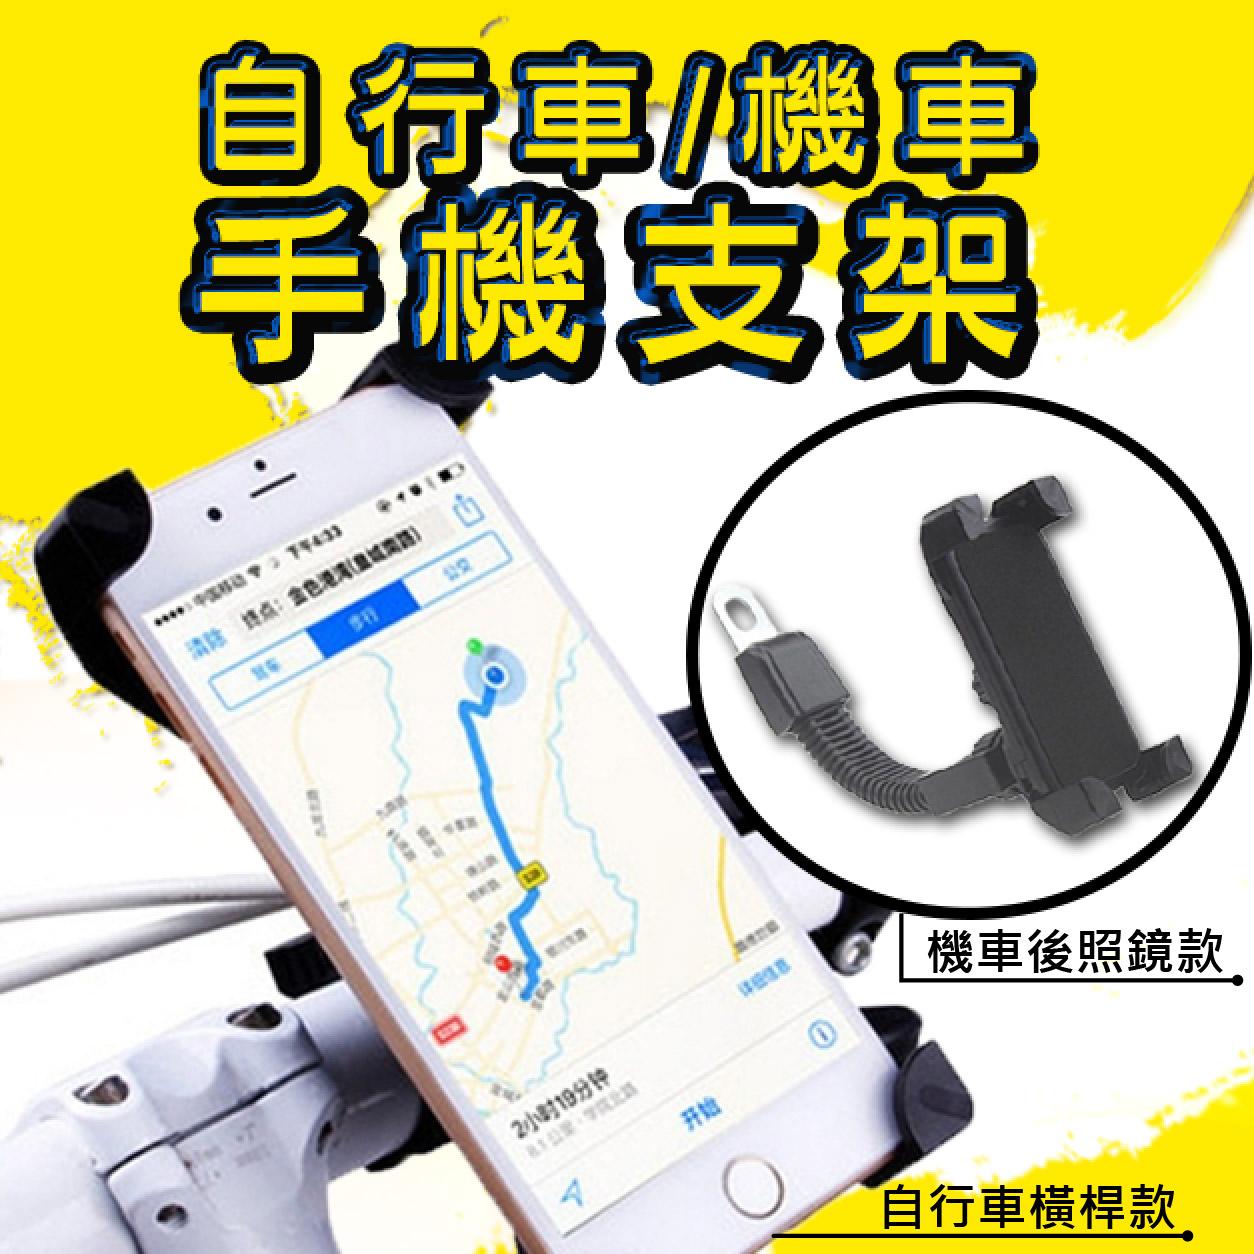 【今日特價 車用手機支架】 機車手機支架 腳踏車 自行車手機架 導航支架 手機夾 【AE005】